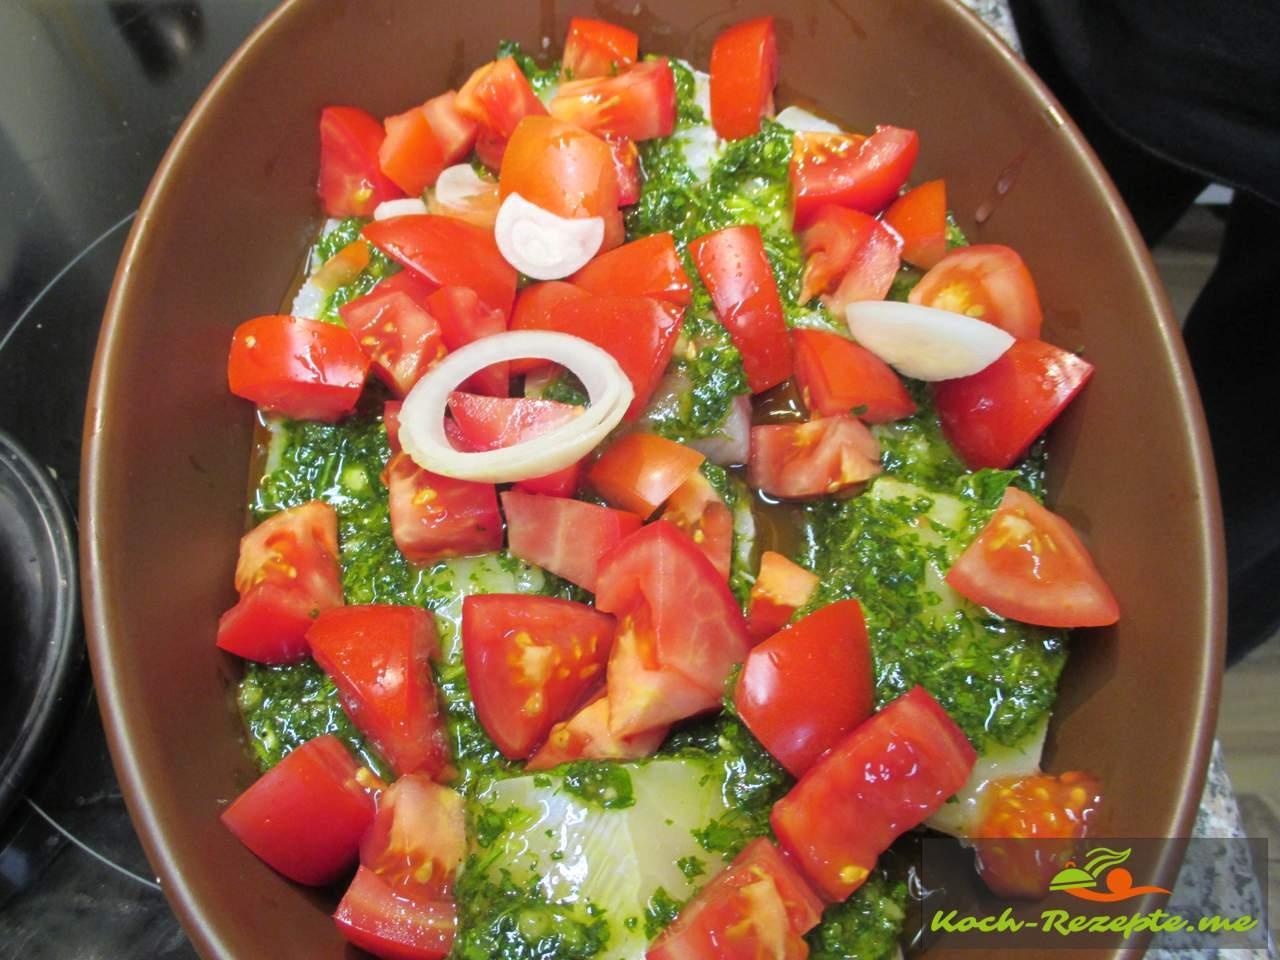 Mit Olivenöl  und  Lemettensaft beträufelt und im Backofen bei 120 Grad 20 Minuten backen